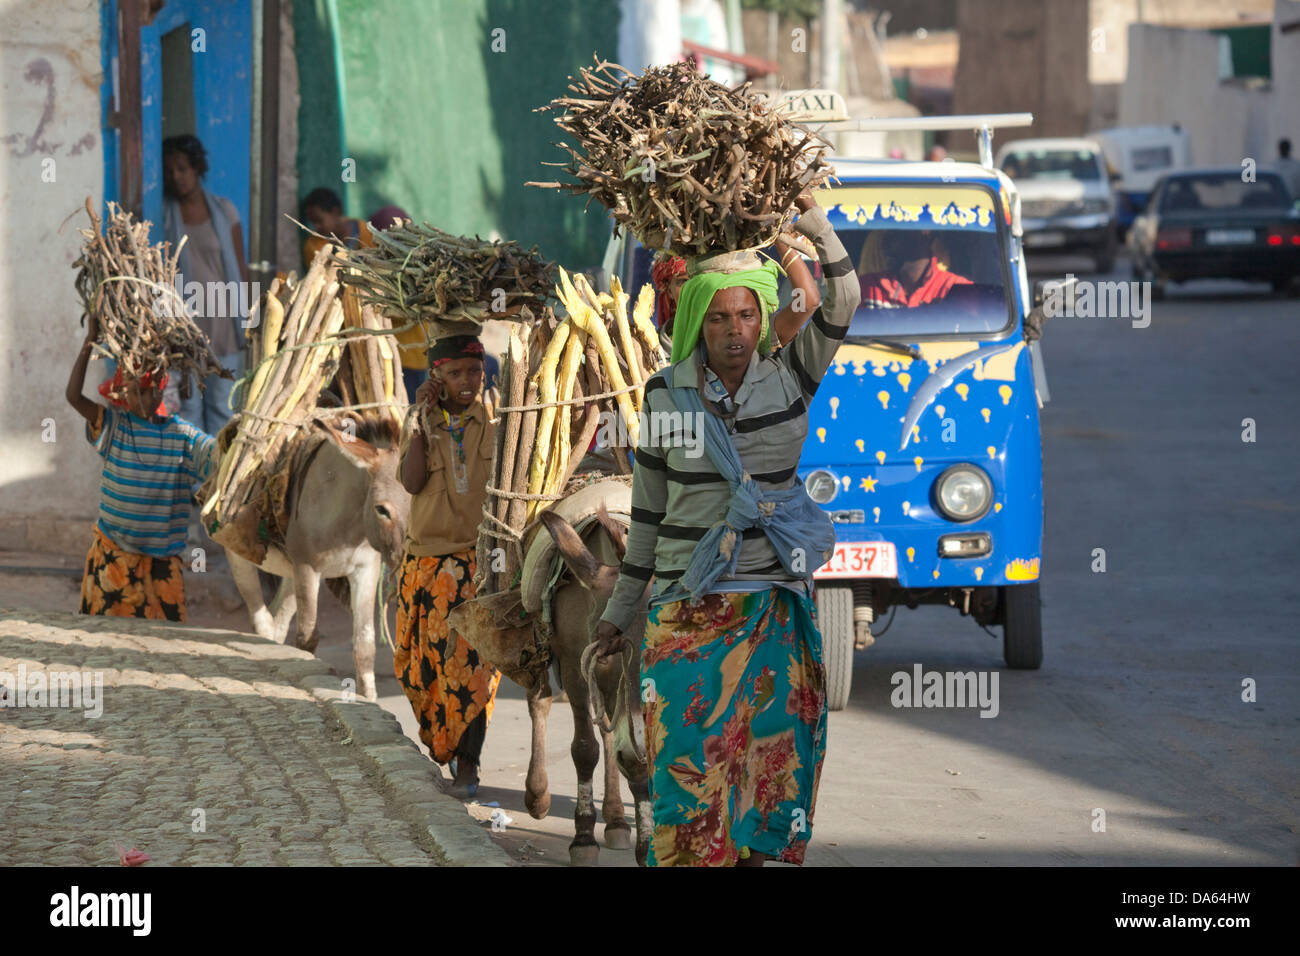 Madera, transporte, Harar, Etiopía, la UNESCO, patrimonio cultural de la humanidad, África, pueblo, ciudad, Imagen De Stock